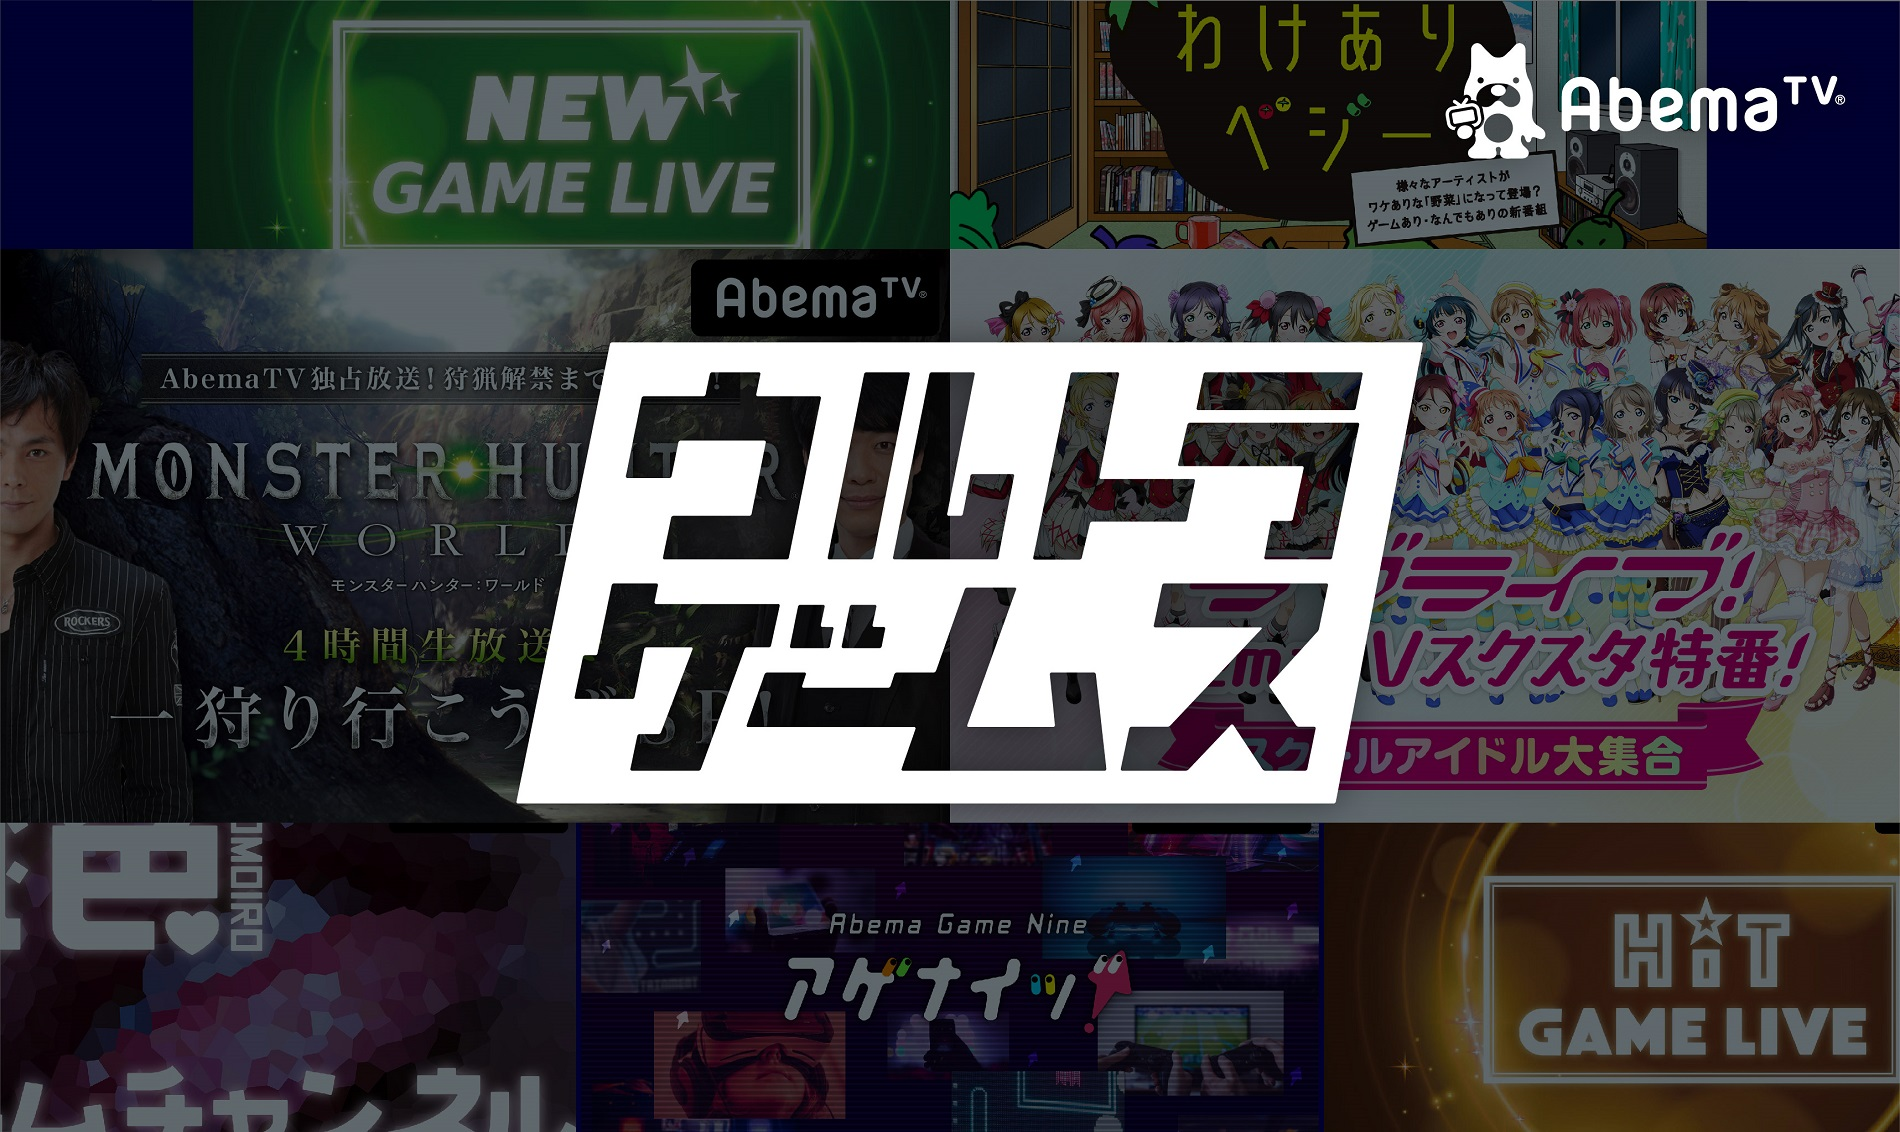 AbemaTVがゲーム専用チャンネル「ウルトラゲームス」開設に向け、特別番組と新レギュラー番組を発表!